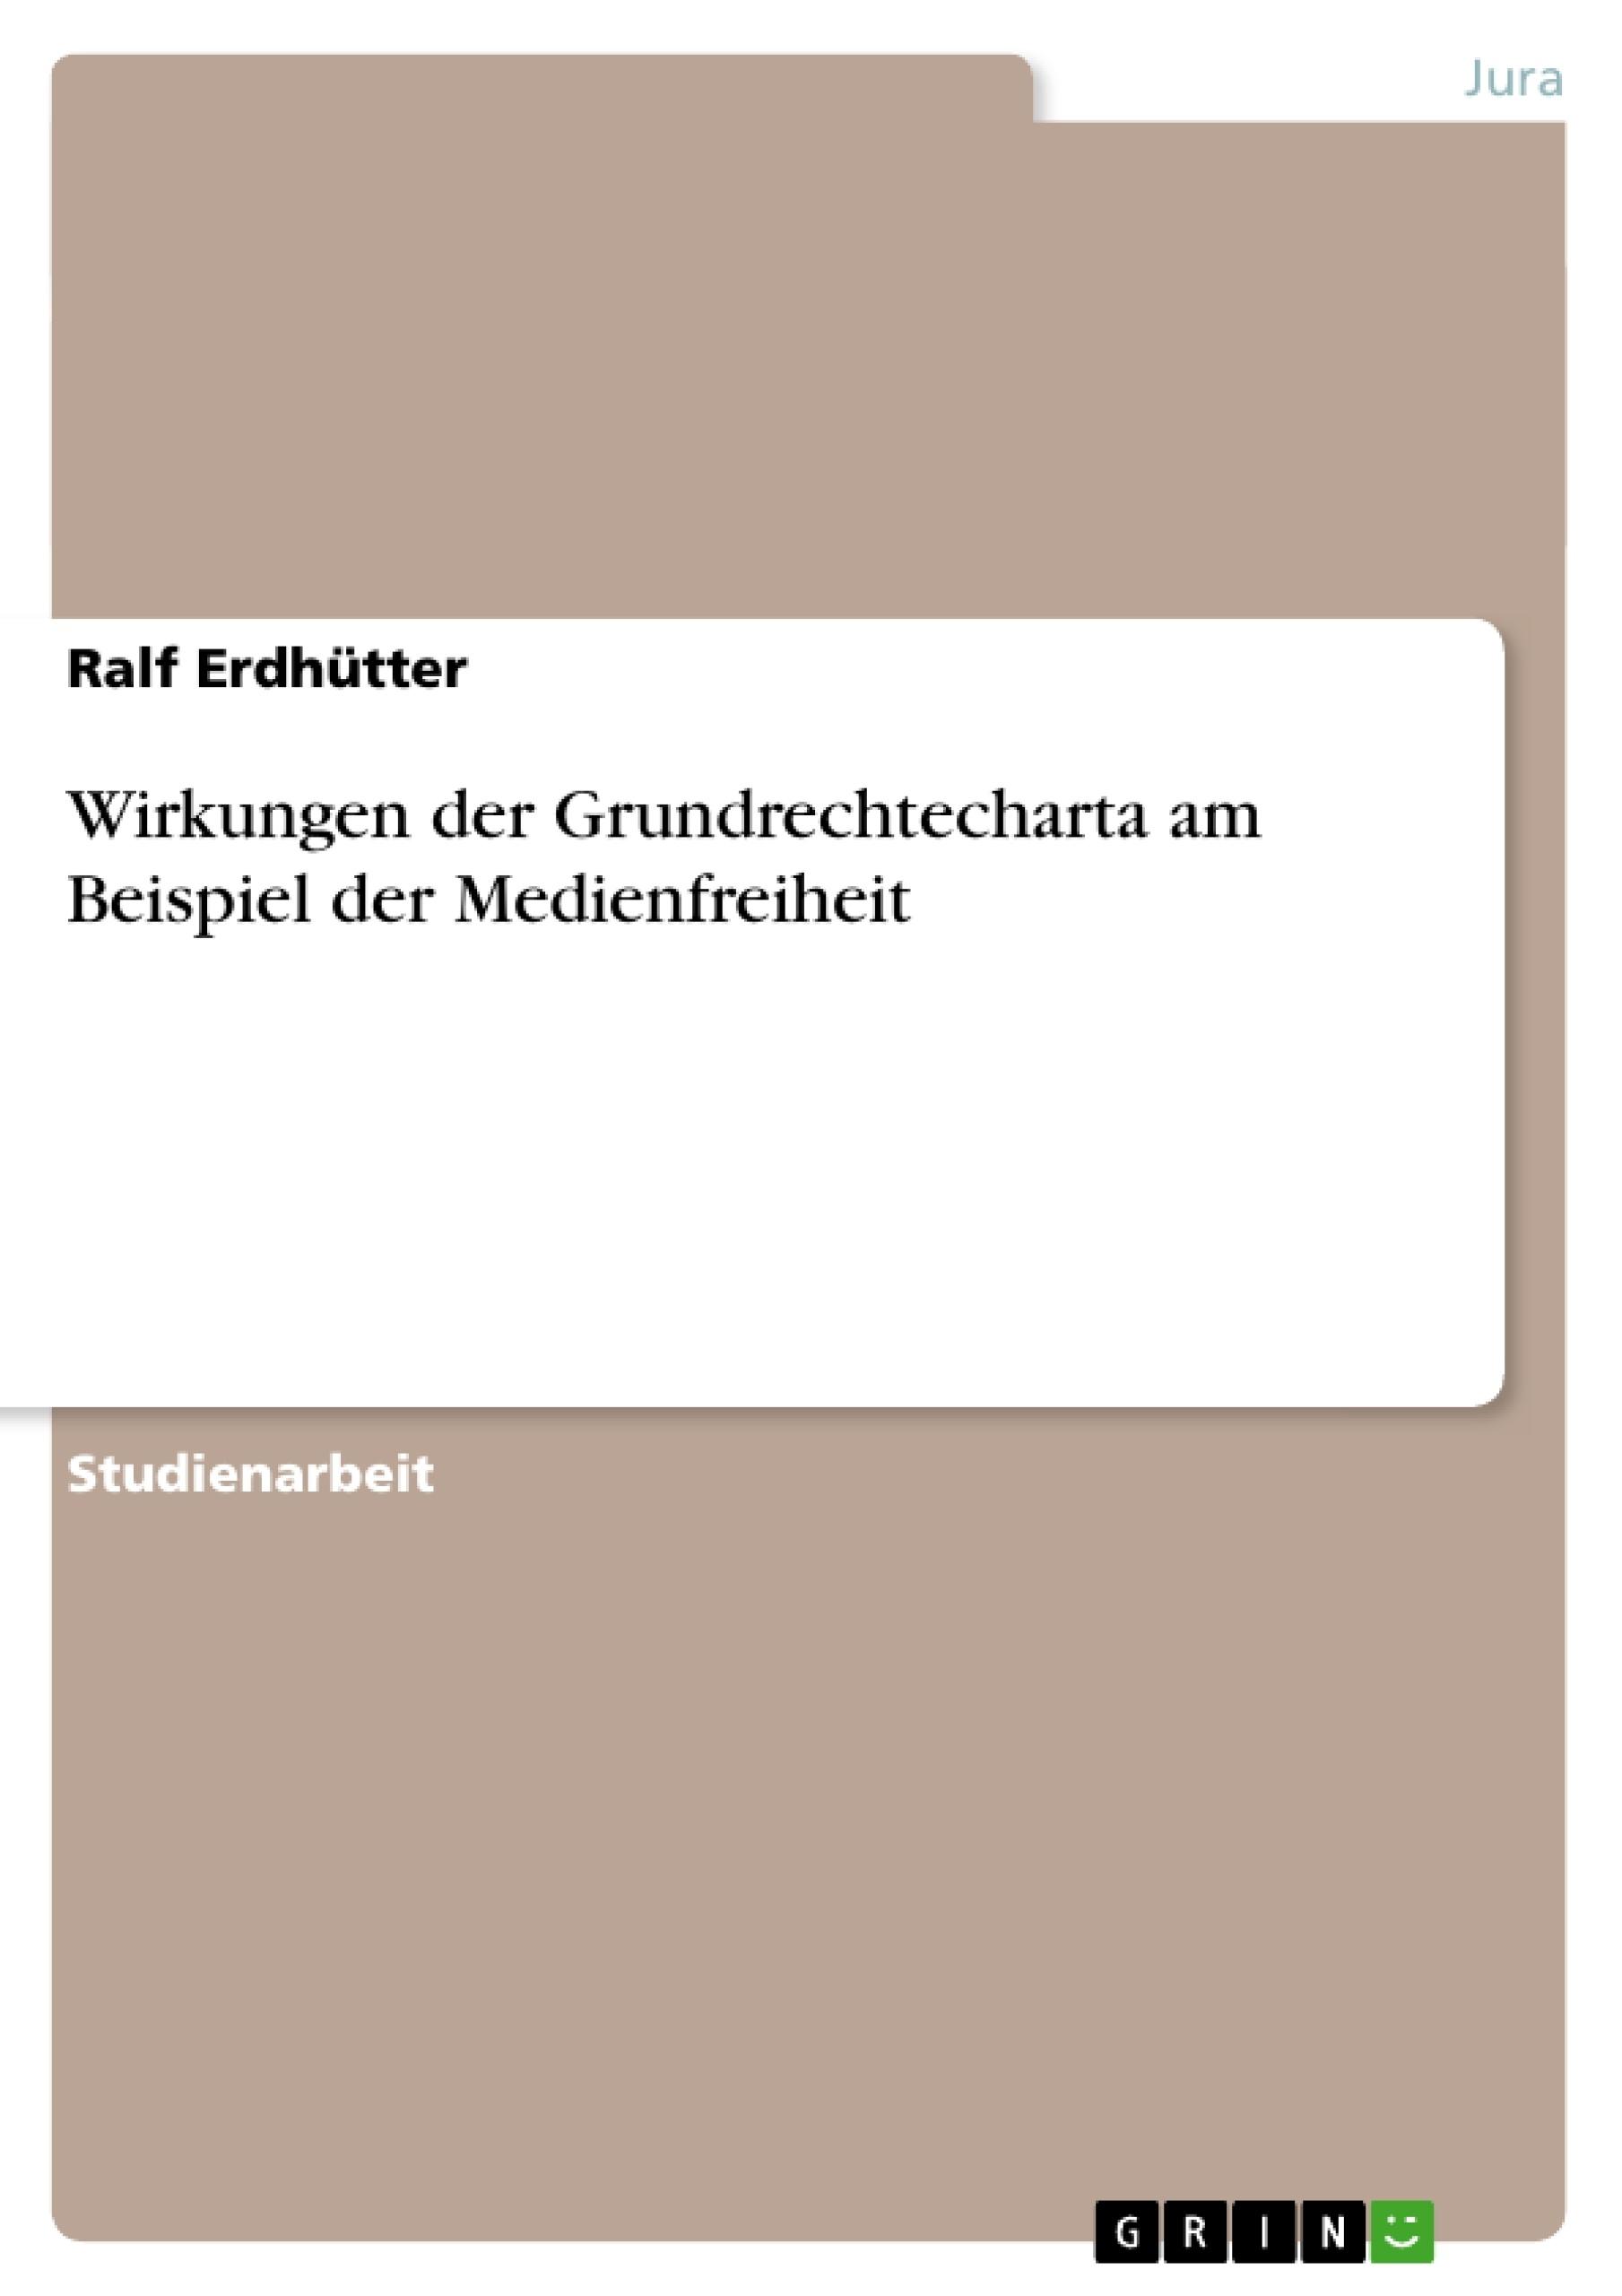 Titel: Wirkungen der Grundrechtecharta am Beispiel der Medienfreiheit